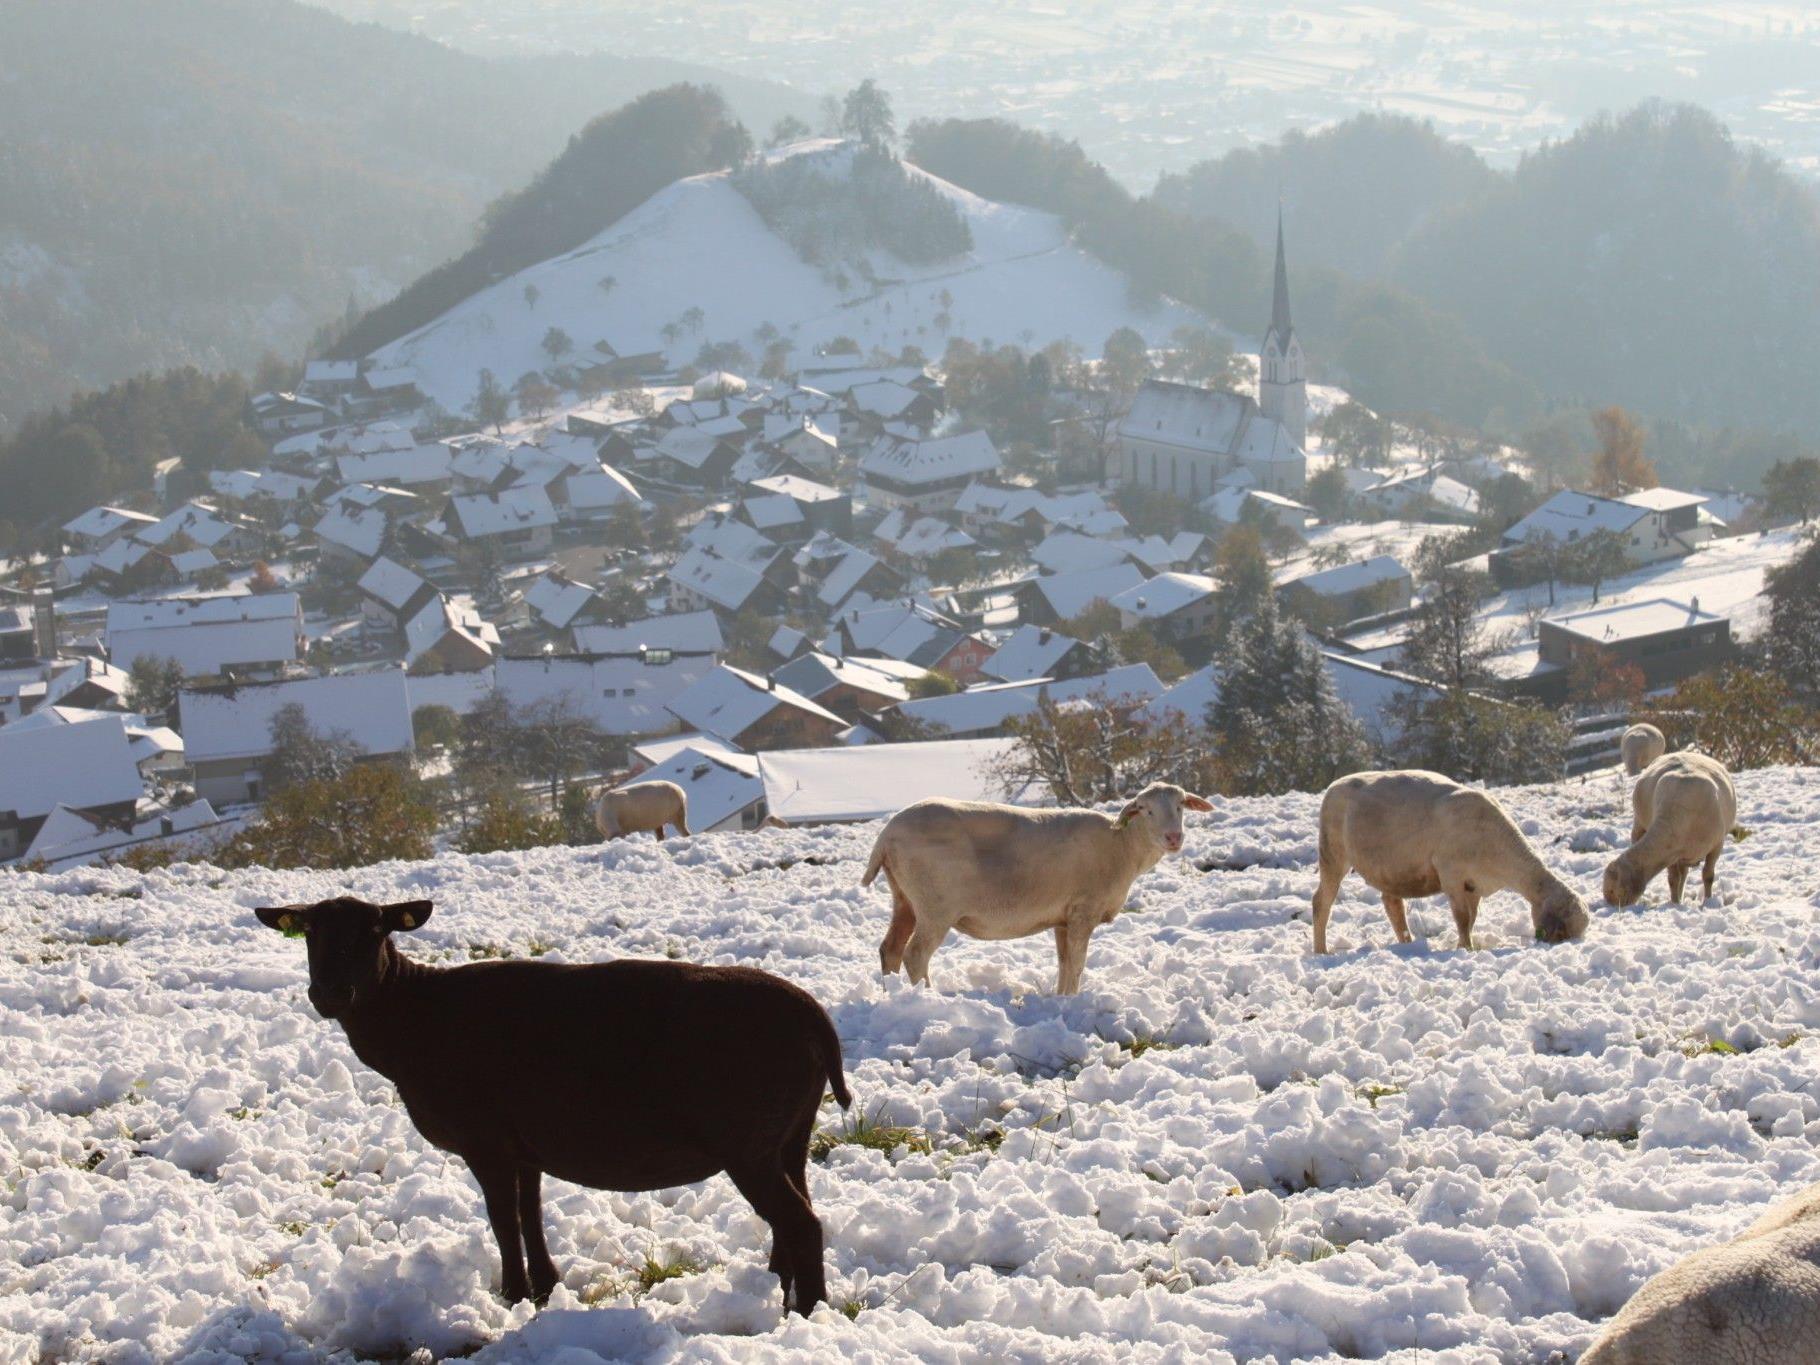 Das schwarze Schaf und seine helleren Artgenossen suchen ihr Futter zwischen der weißen Schneedecke.